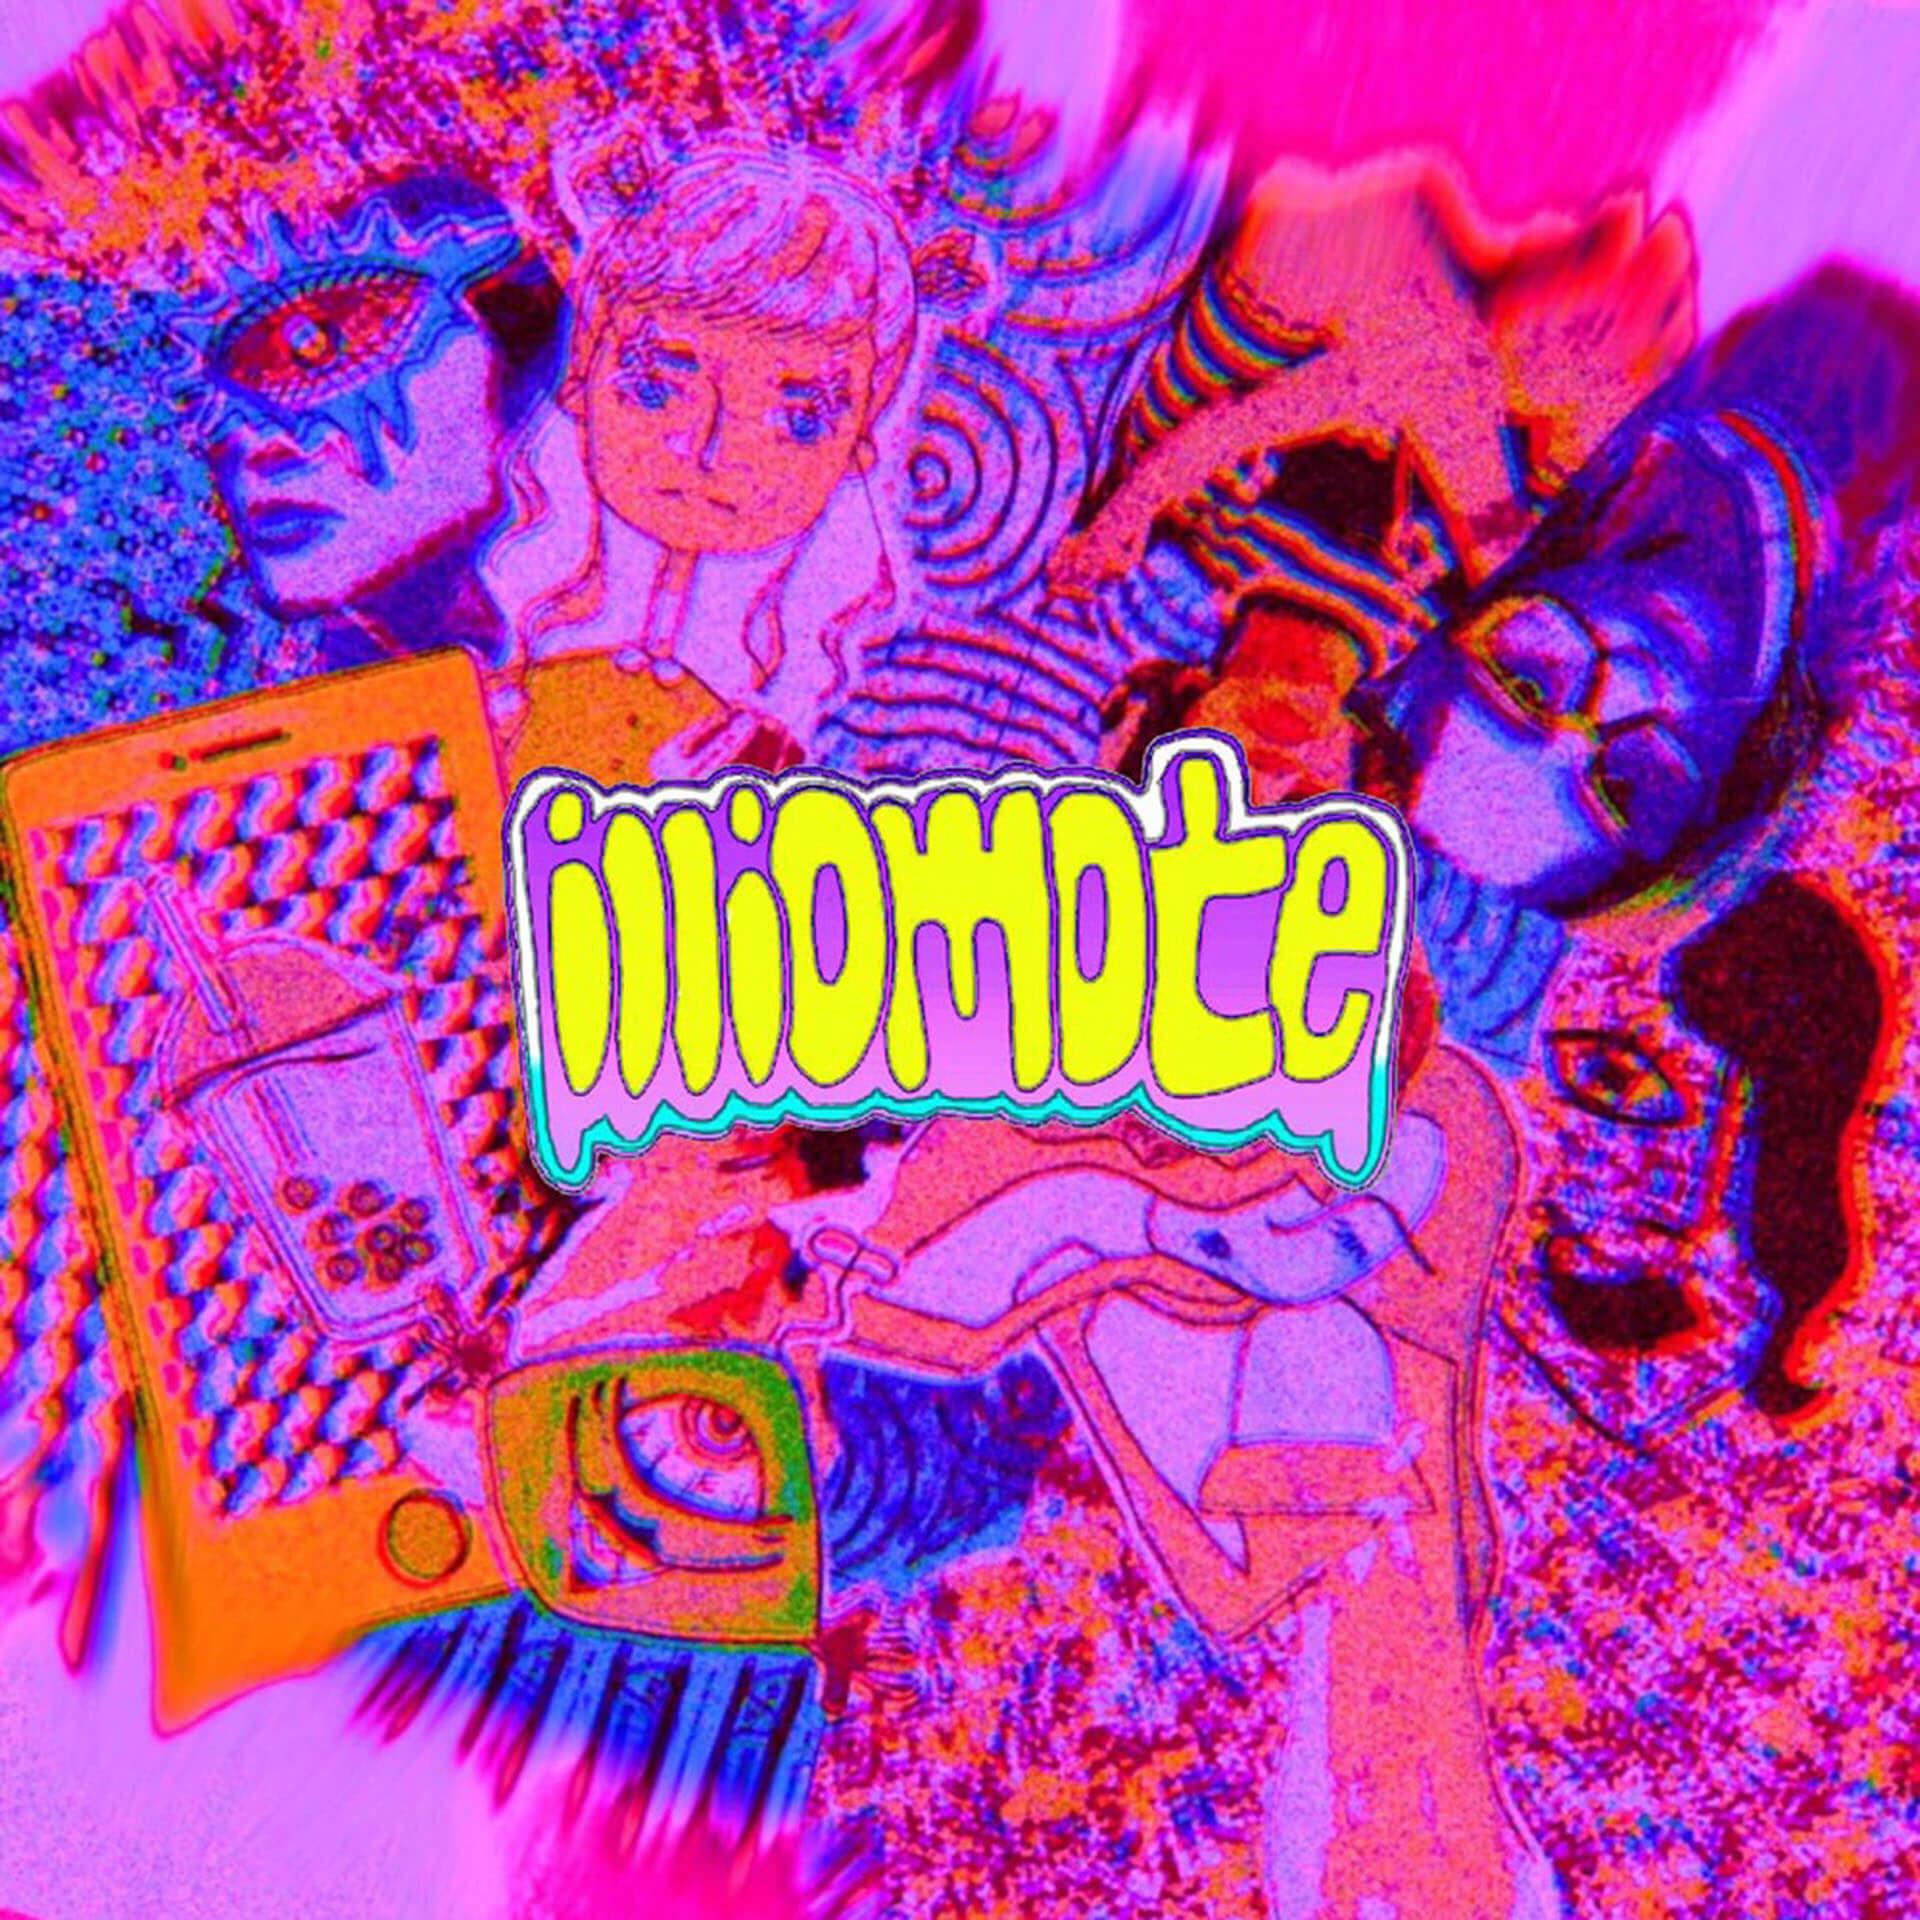 NEOなセンスで話題の幼馴染ユニットilliomoteが自身初となる楽曲「Sundayyyy/BLUE DIE YOUNG」をリリース ILLI-001_jkt